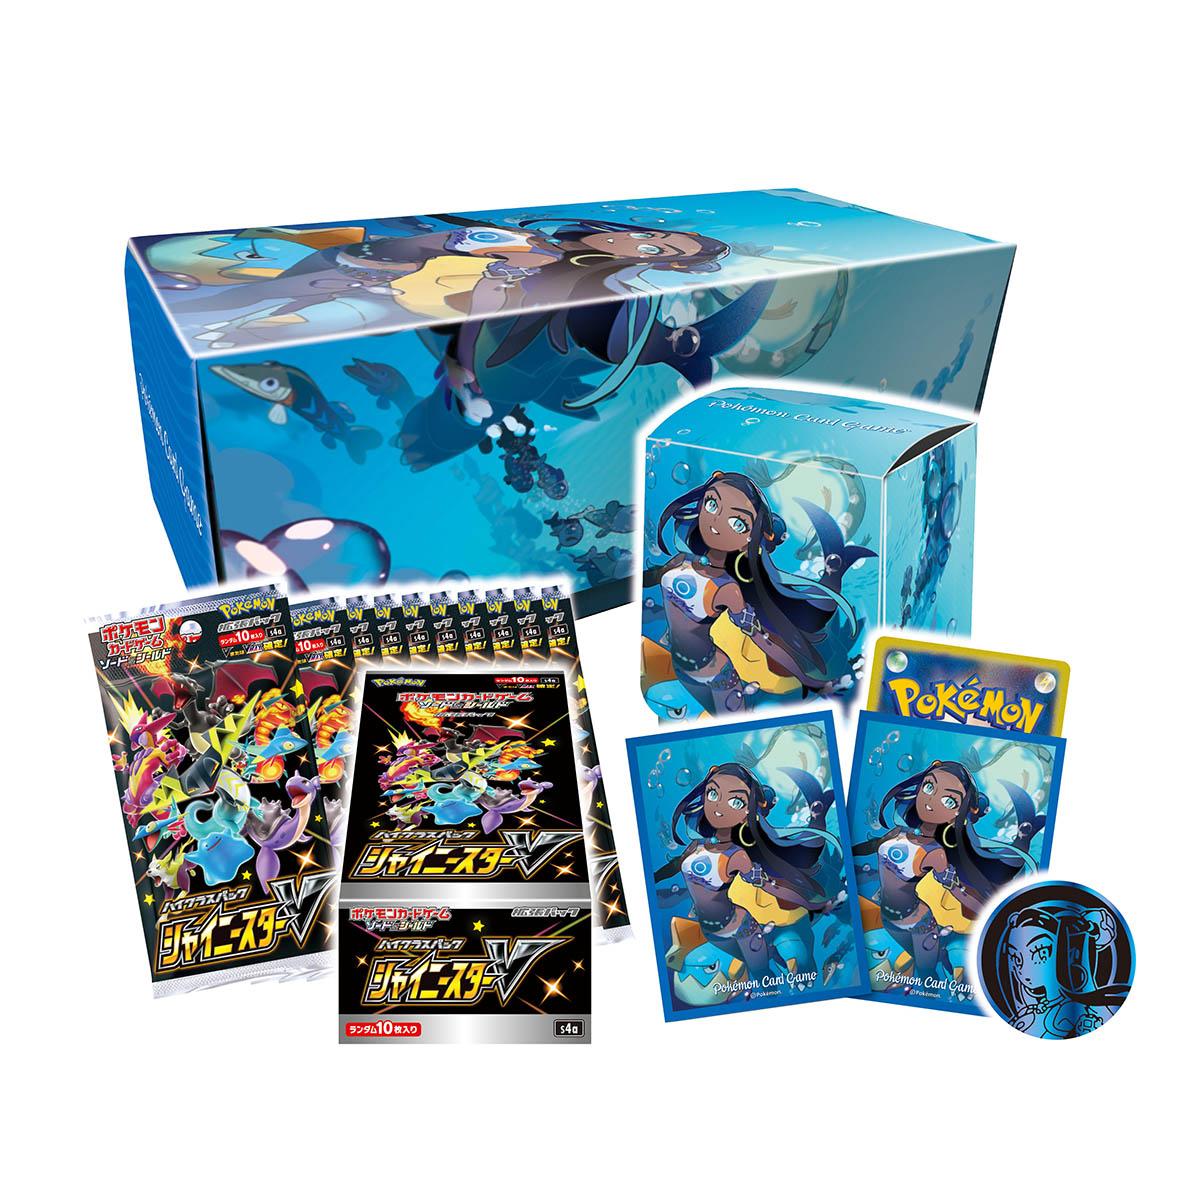 ポケモンカードゲーム ソード&シールド『ハイクラスパック シャイニースターV ルリナセット』10パック入りBOX-001